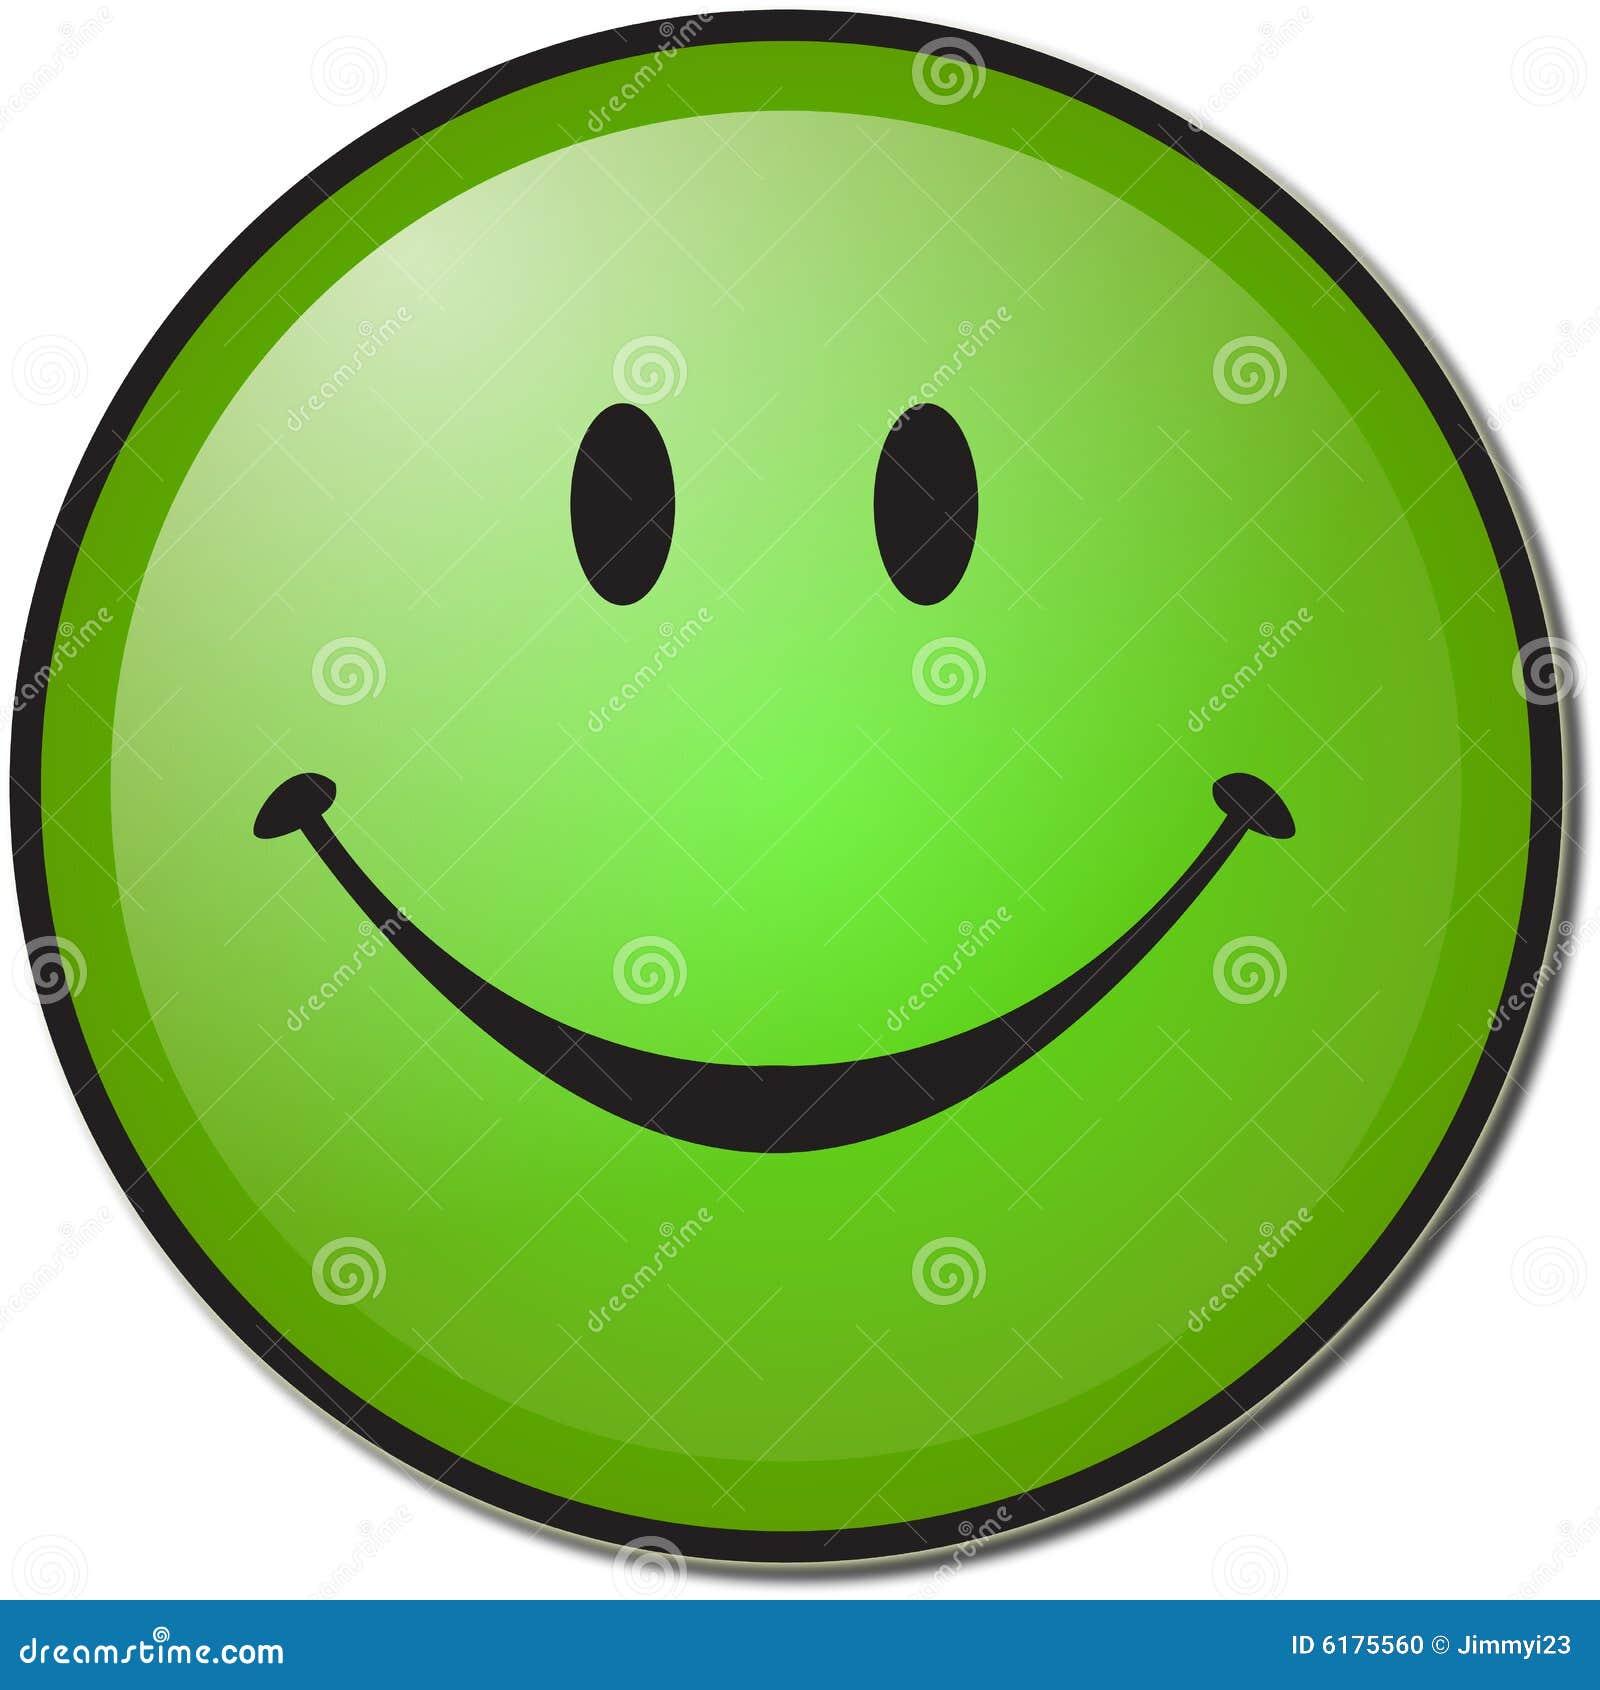 Gelukkig Groen smileygezicht